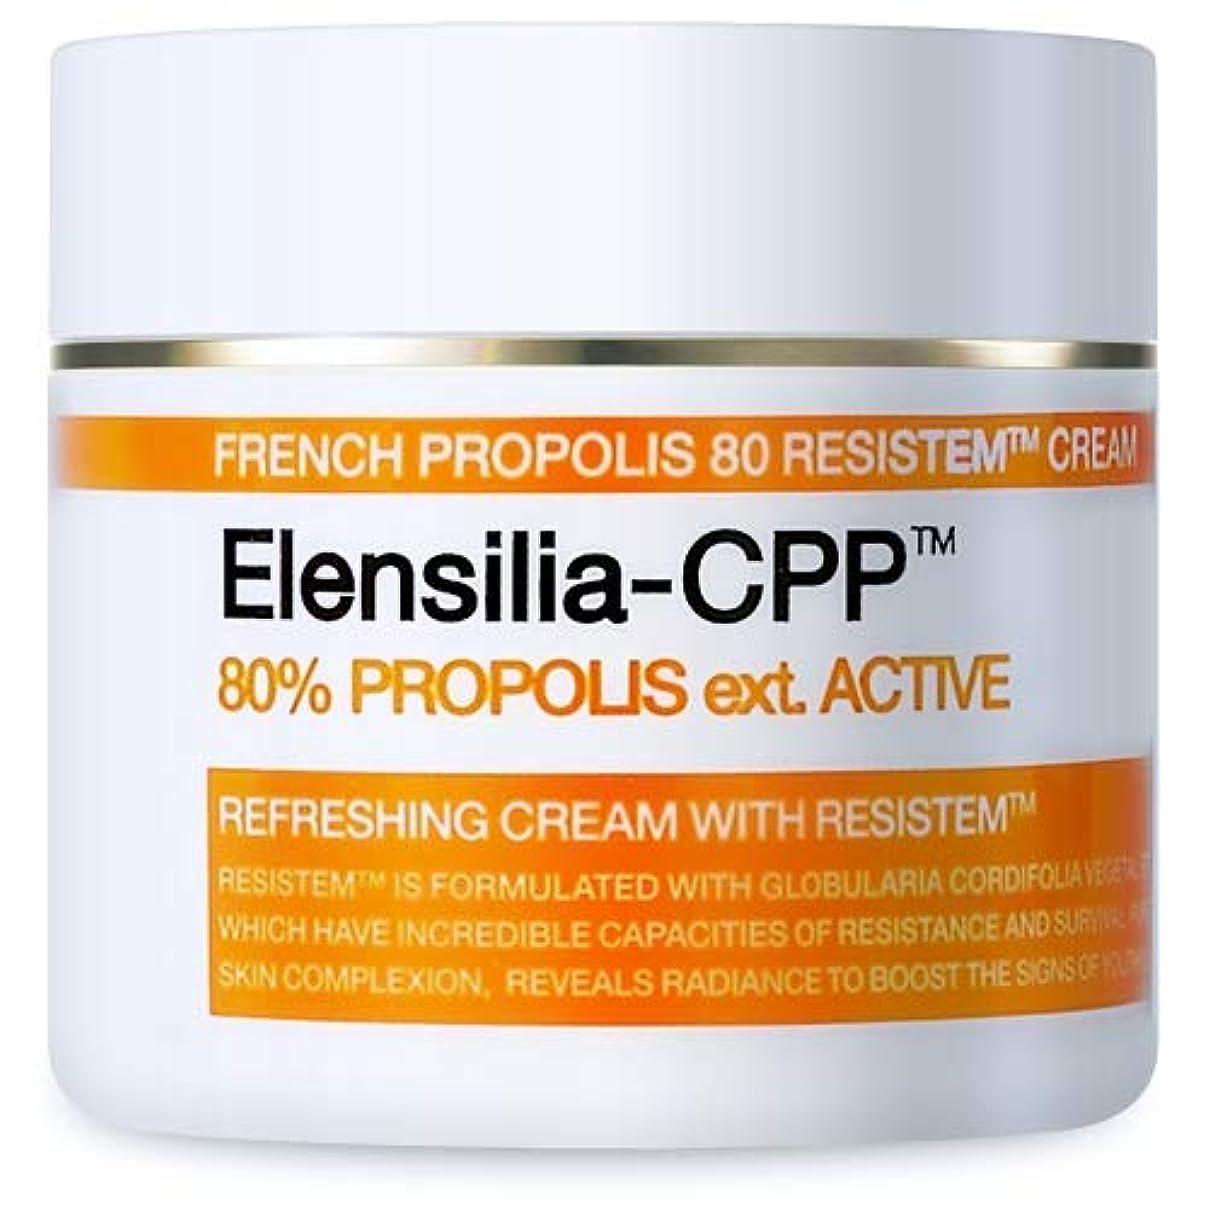 タクシー考慮現像Elensilia CPP フレンチ プロポリス 80 リシステム クリーム / CPP French Propolis 80 Resistem Cream (50g) [並行輸入品]